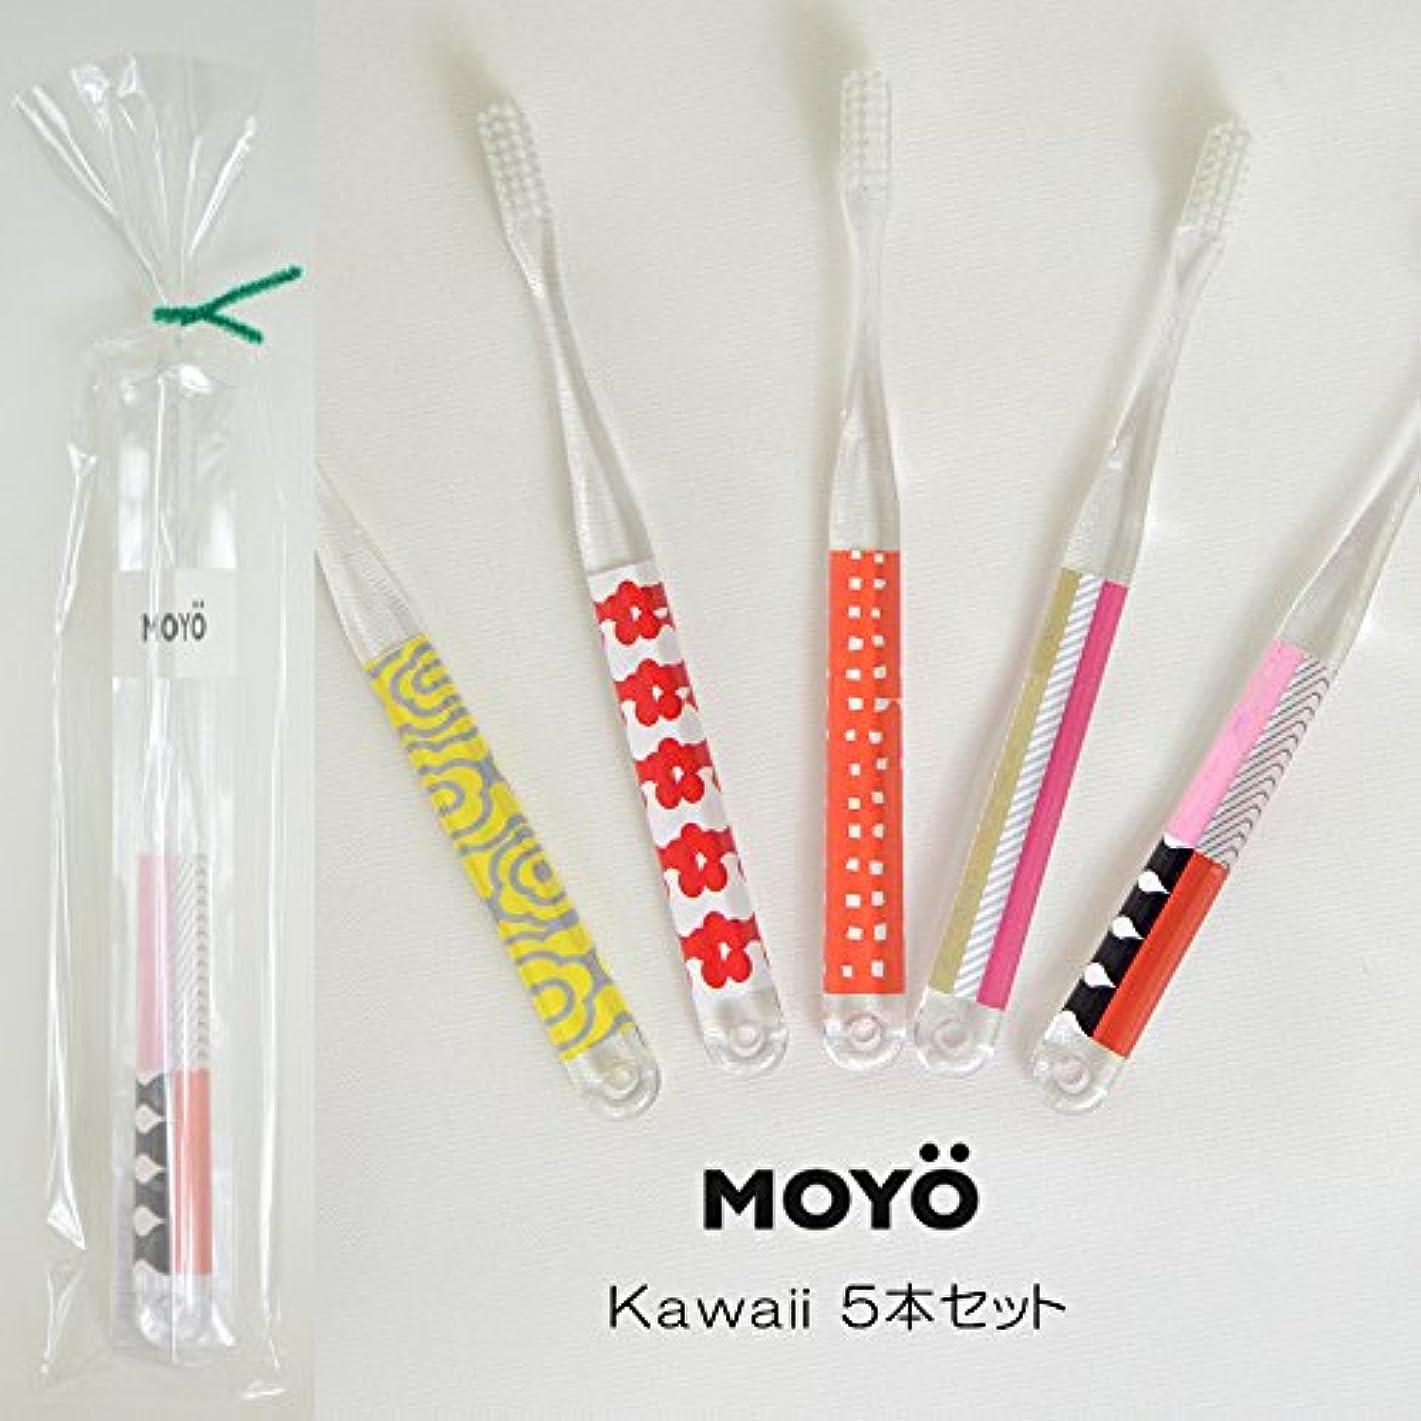 アクセント取り出す振幅MOYO モヨウ 歯ブラシ kawaii5本 プチ ギフト セット_562302-kawaii 【F】,kawaii5本セット